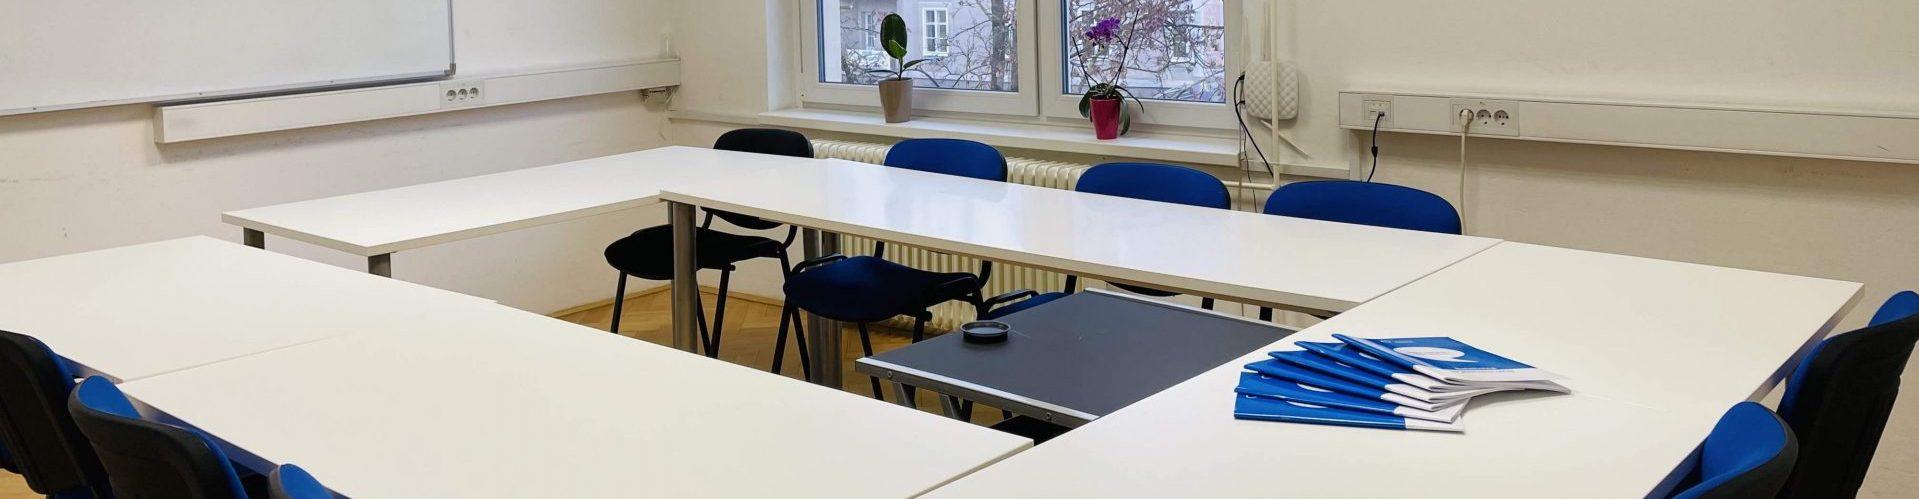 Najem učilnice v Ljubljani